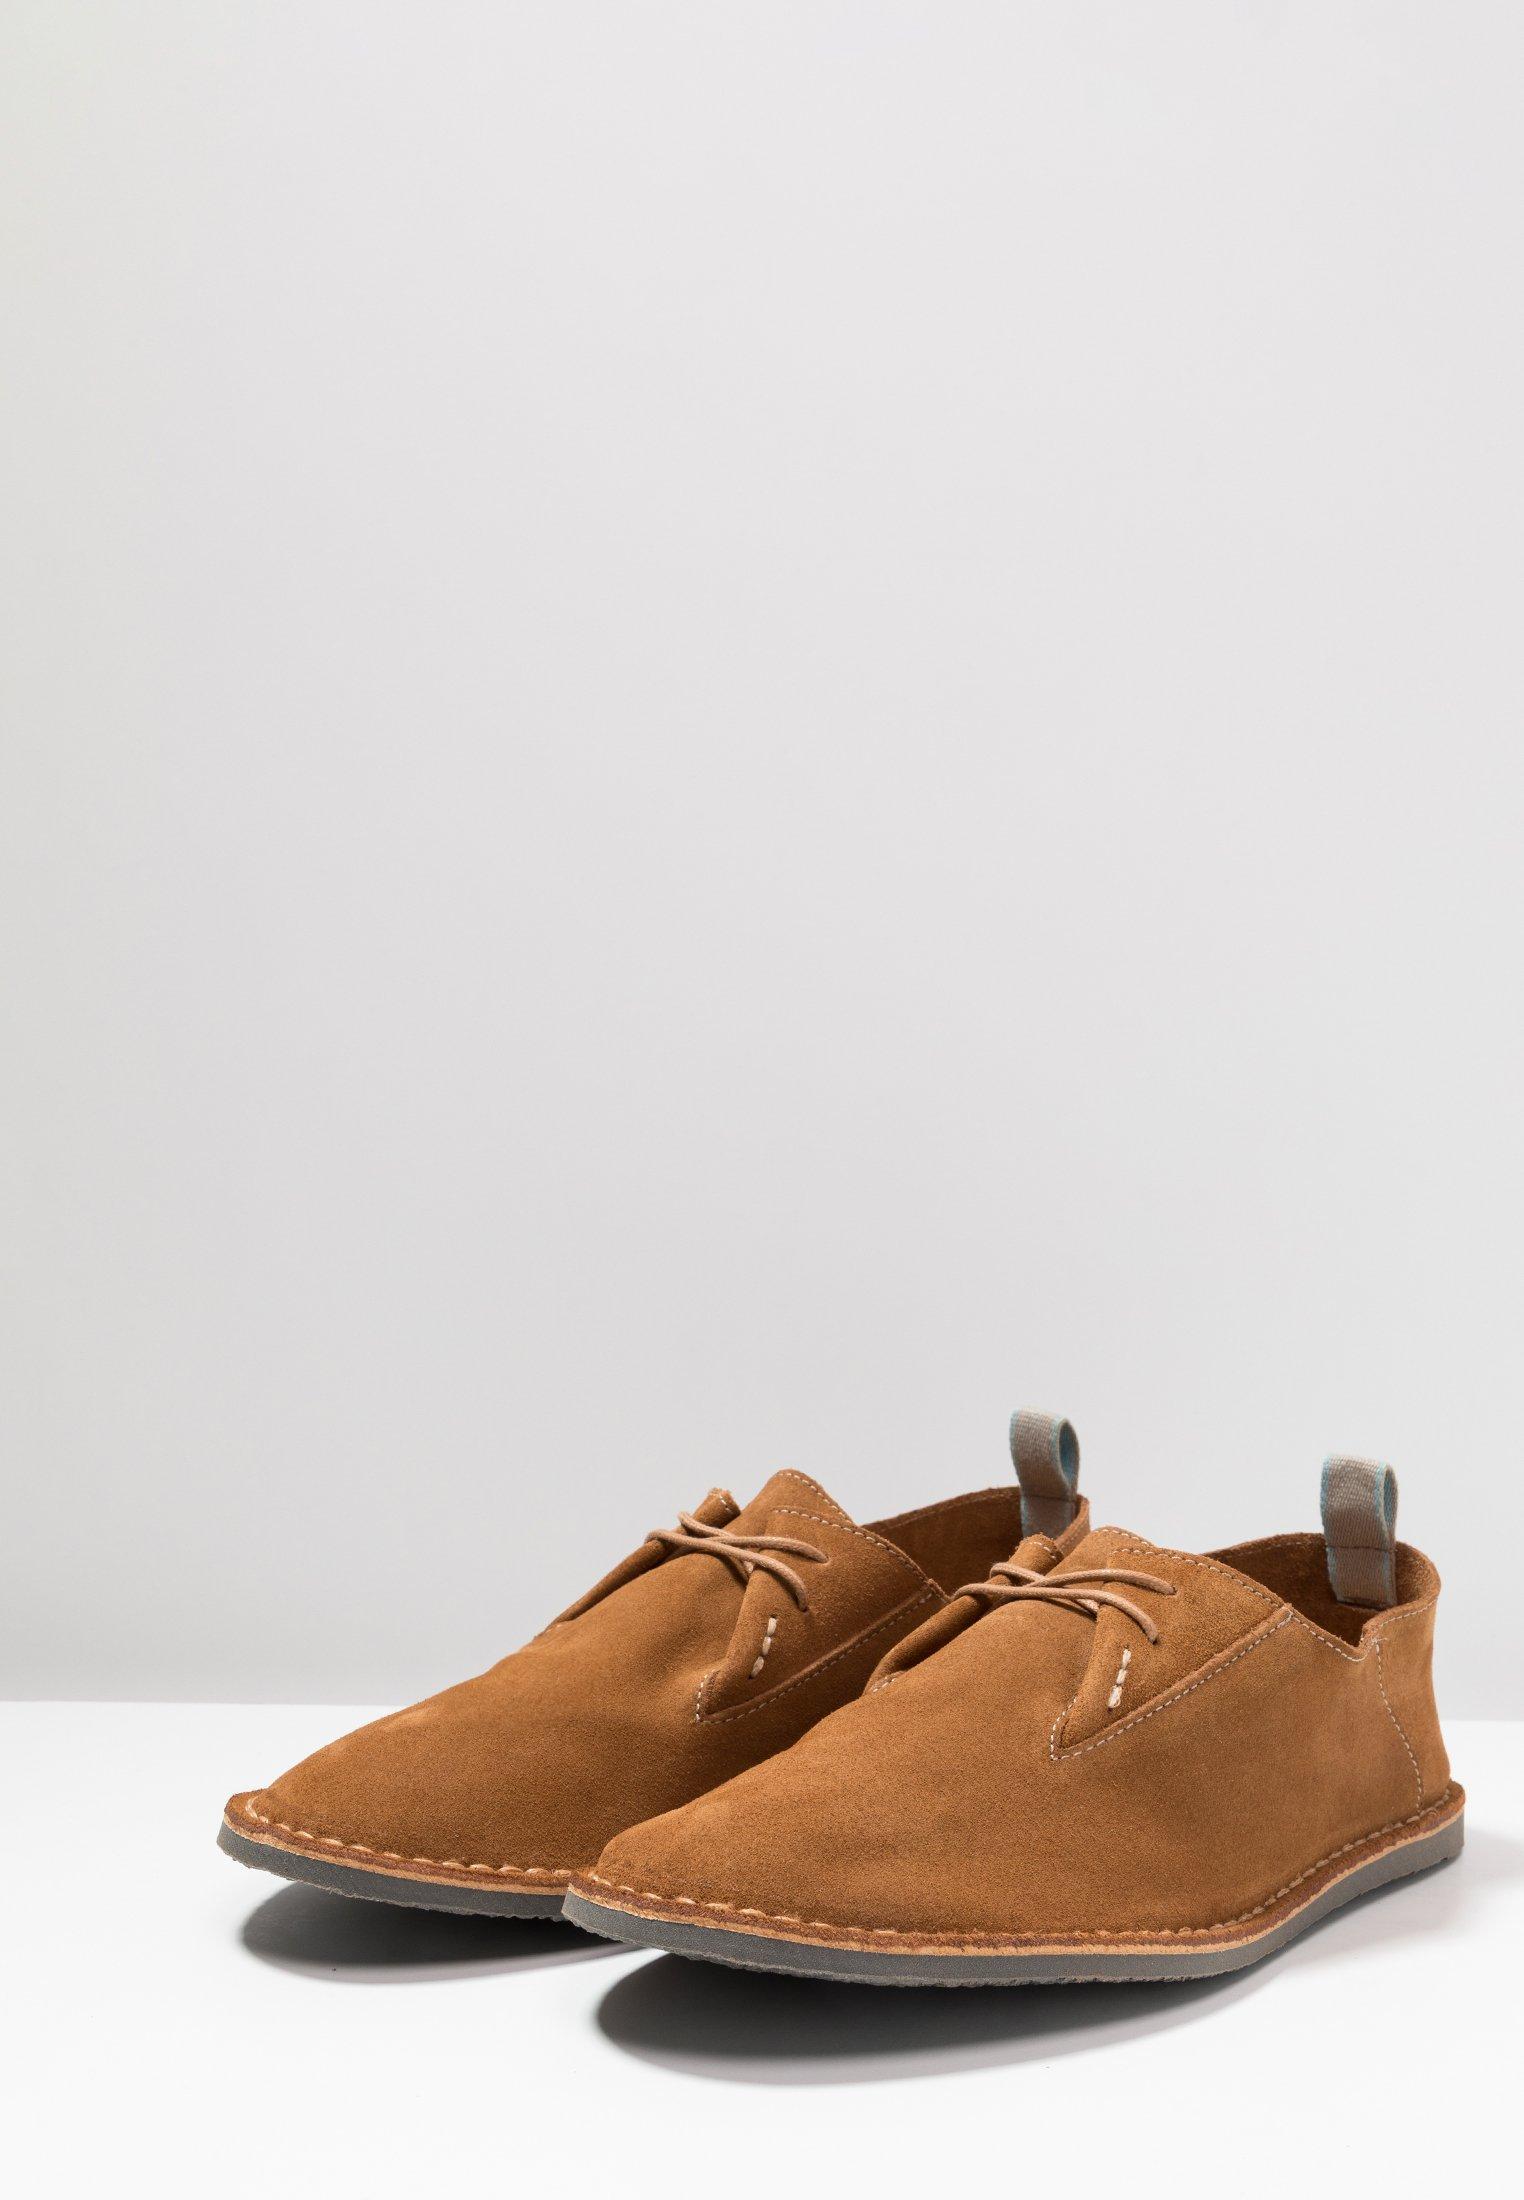 Shoe The Bear ROCKAWAY - Derbies tan